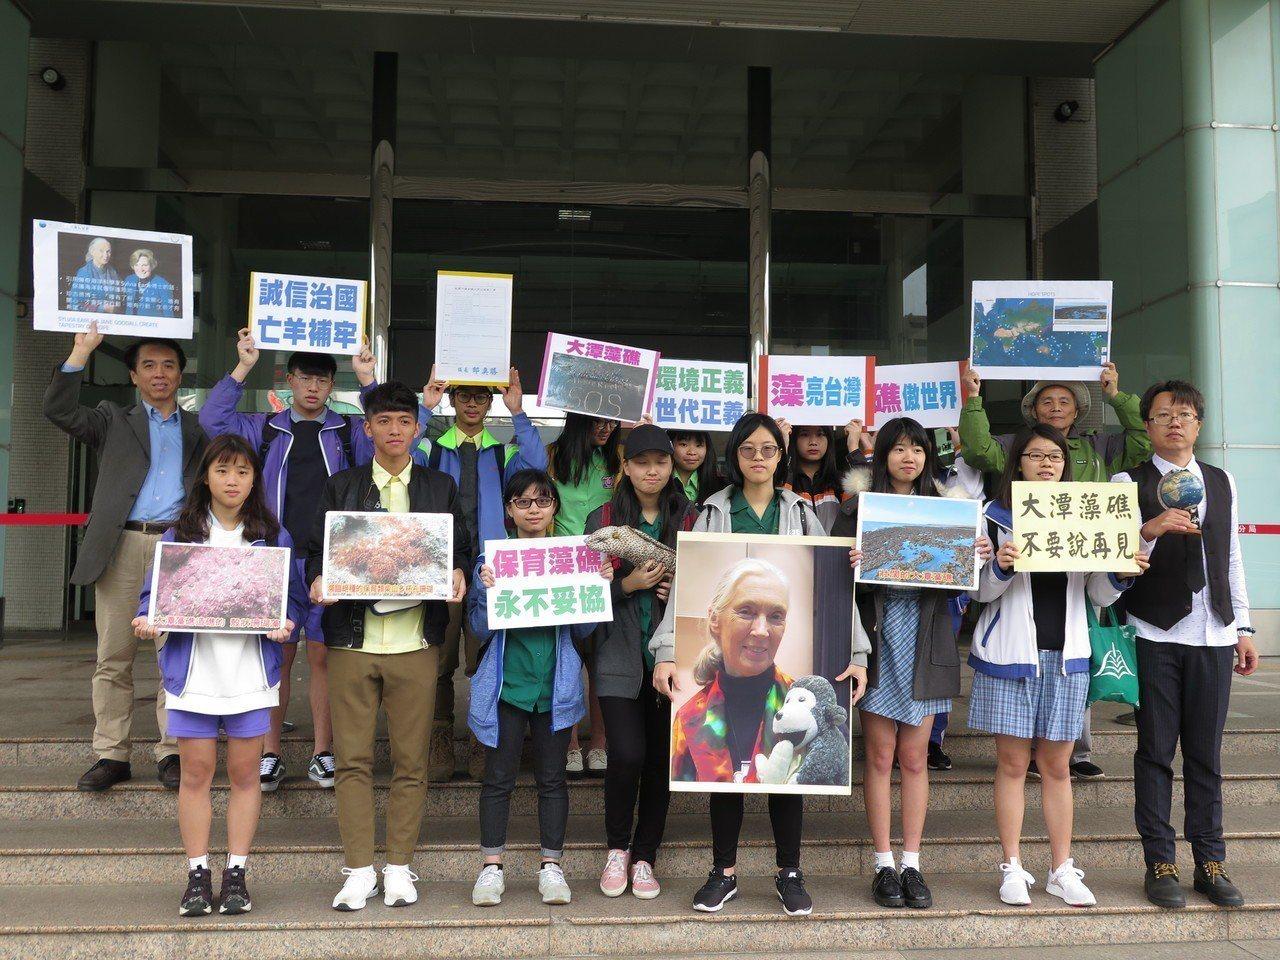 台灣珍古德協會轄下首個跨校性的環保社團「珍覺醒-珍古德看見台灣環保隊」成員囊括北...